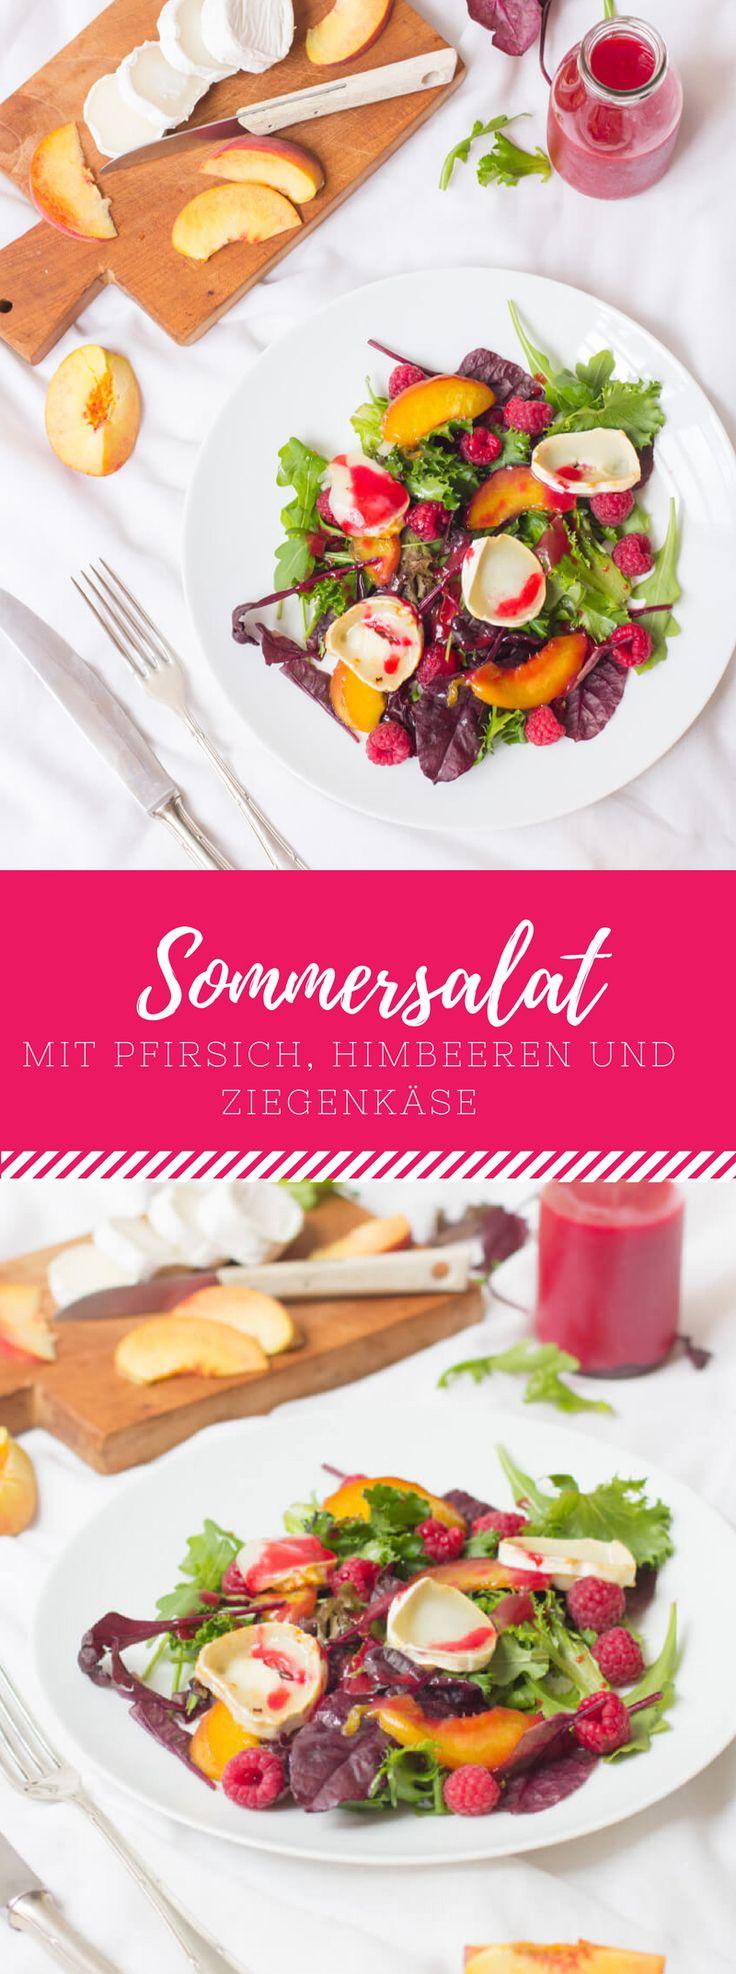 Gesund durch den Sommer: Sommersalat mit Pfirsich, Himbeeren und Ziegenkäse. Ein super einfaches Rezept!